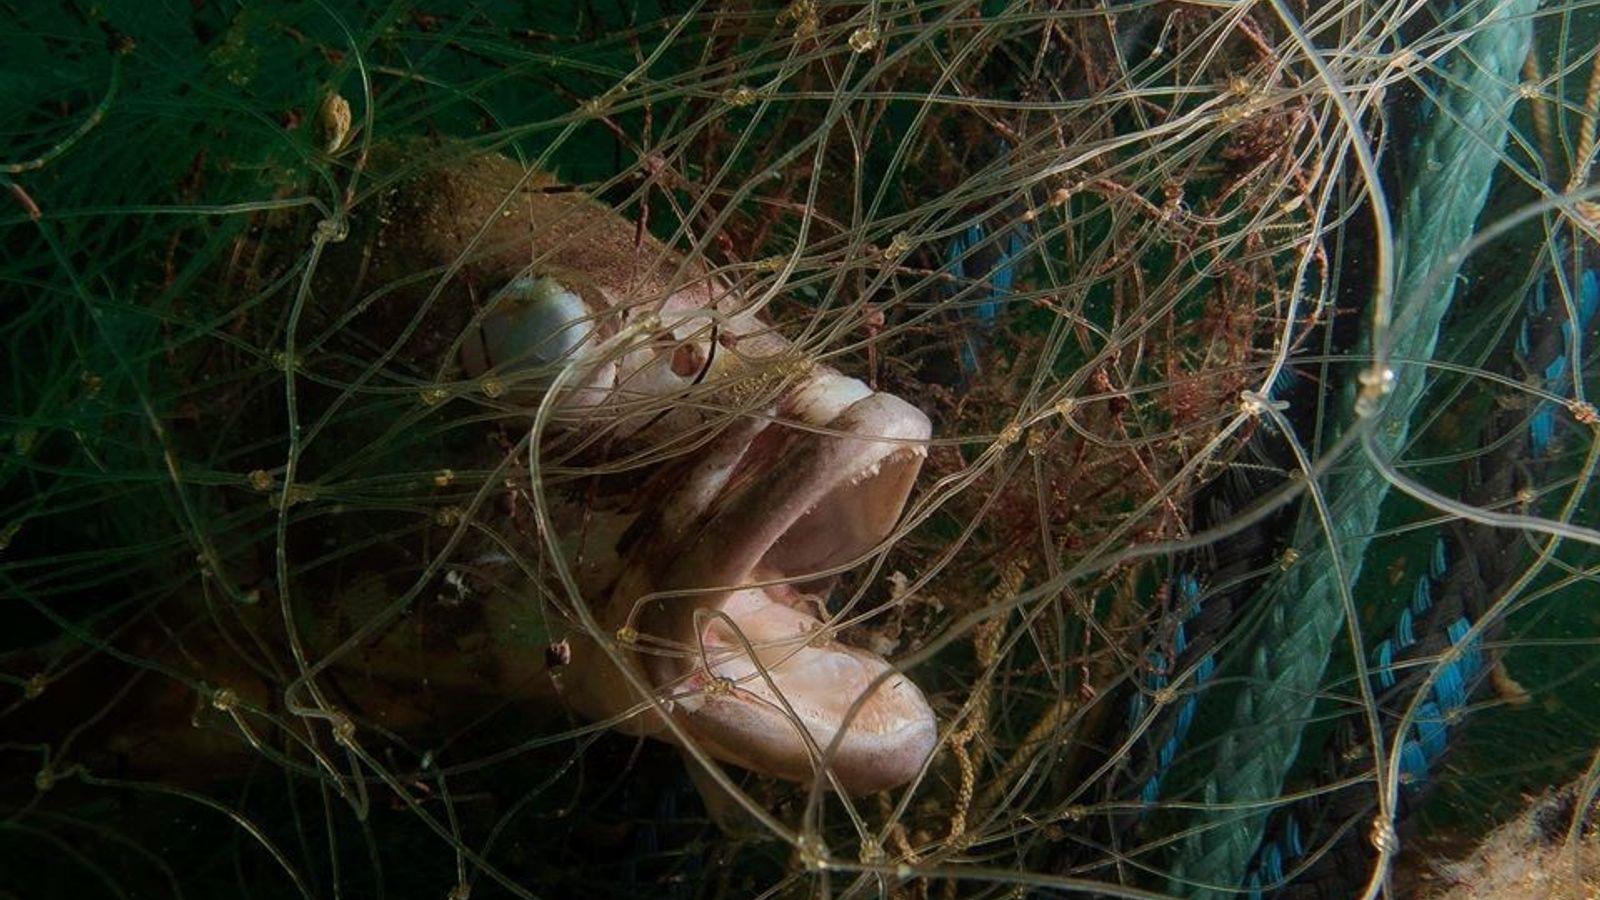 Rede de emallhe atinge peixe na ilha do Arvoredo em Florianópolis, Santa Catarina.